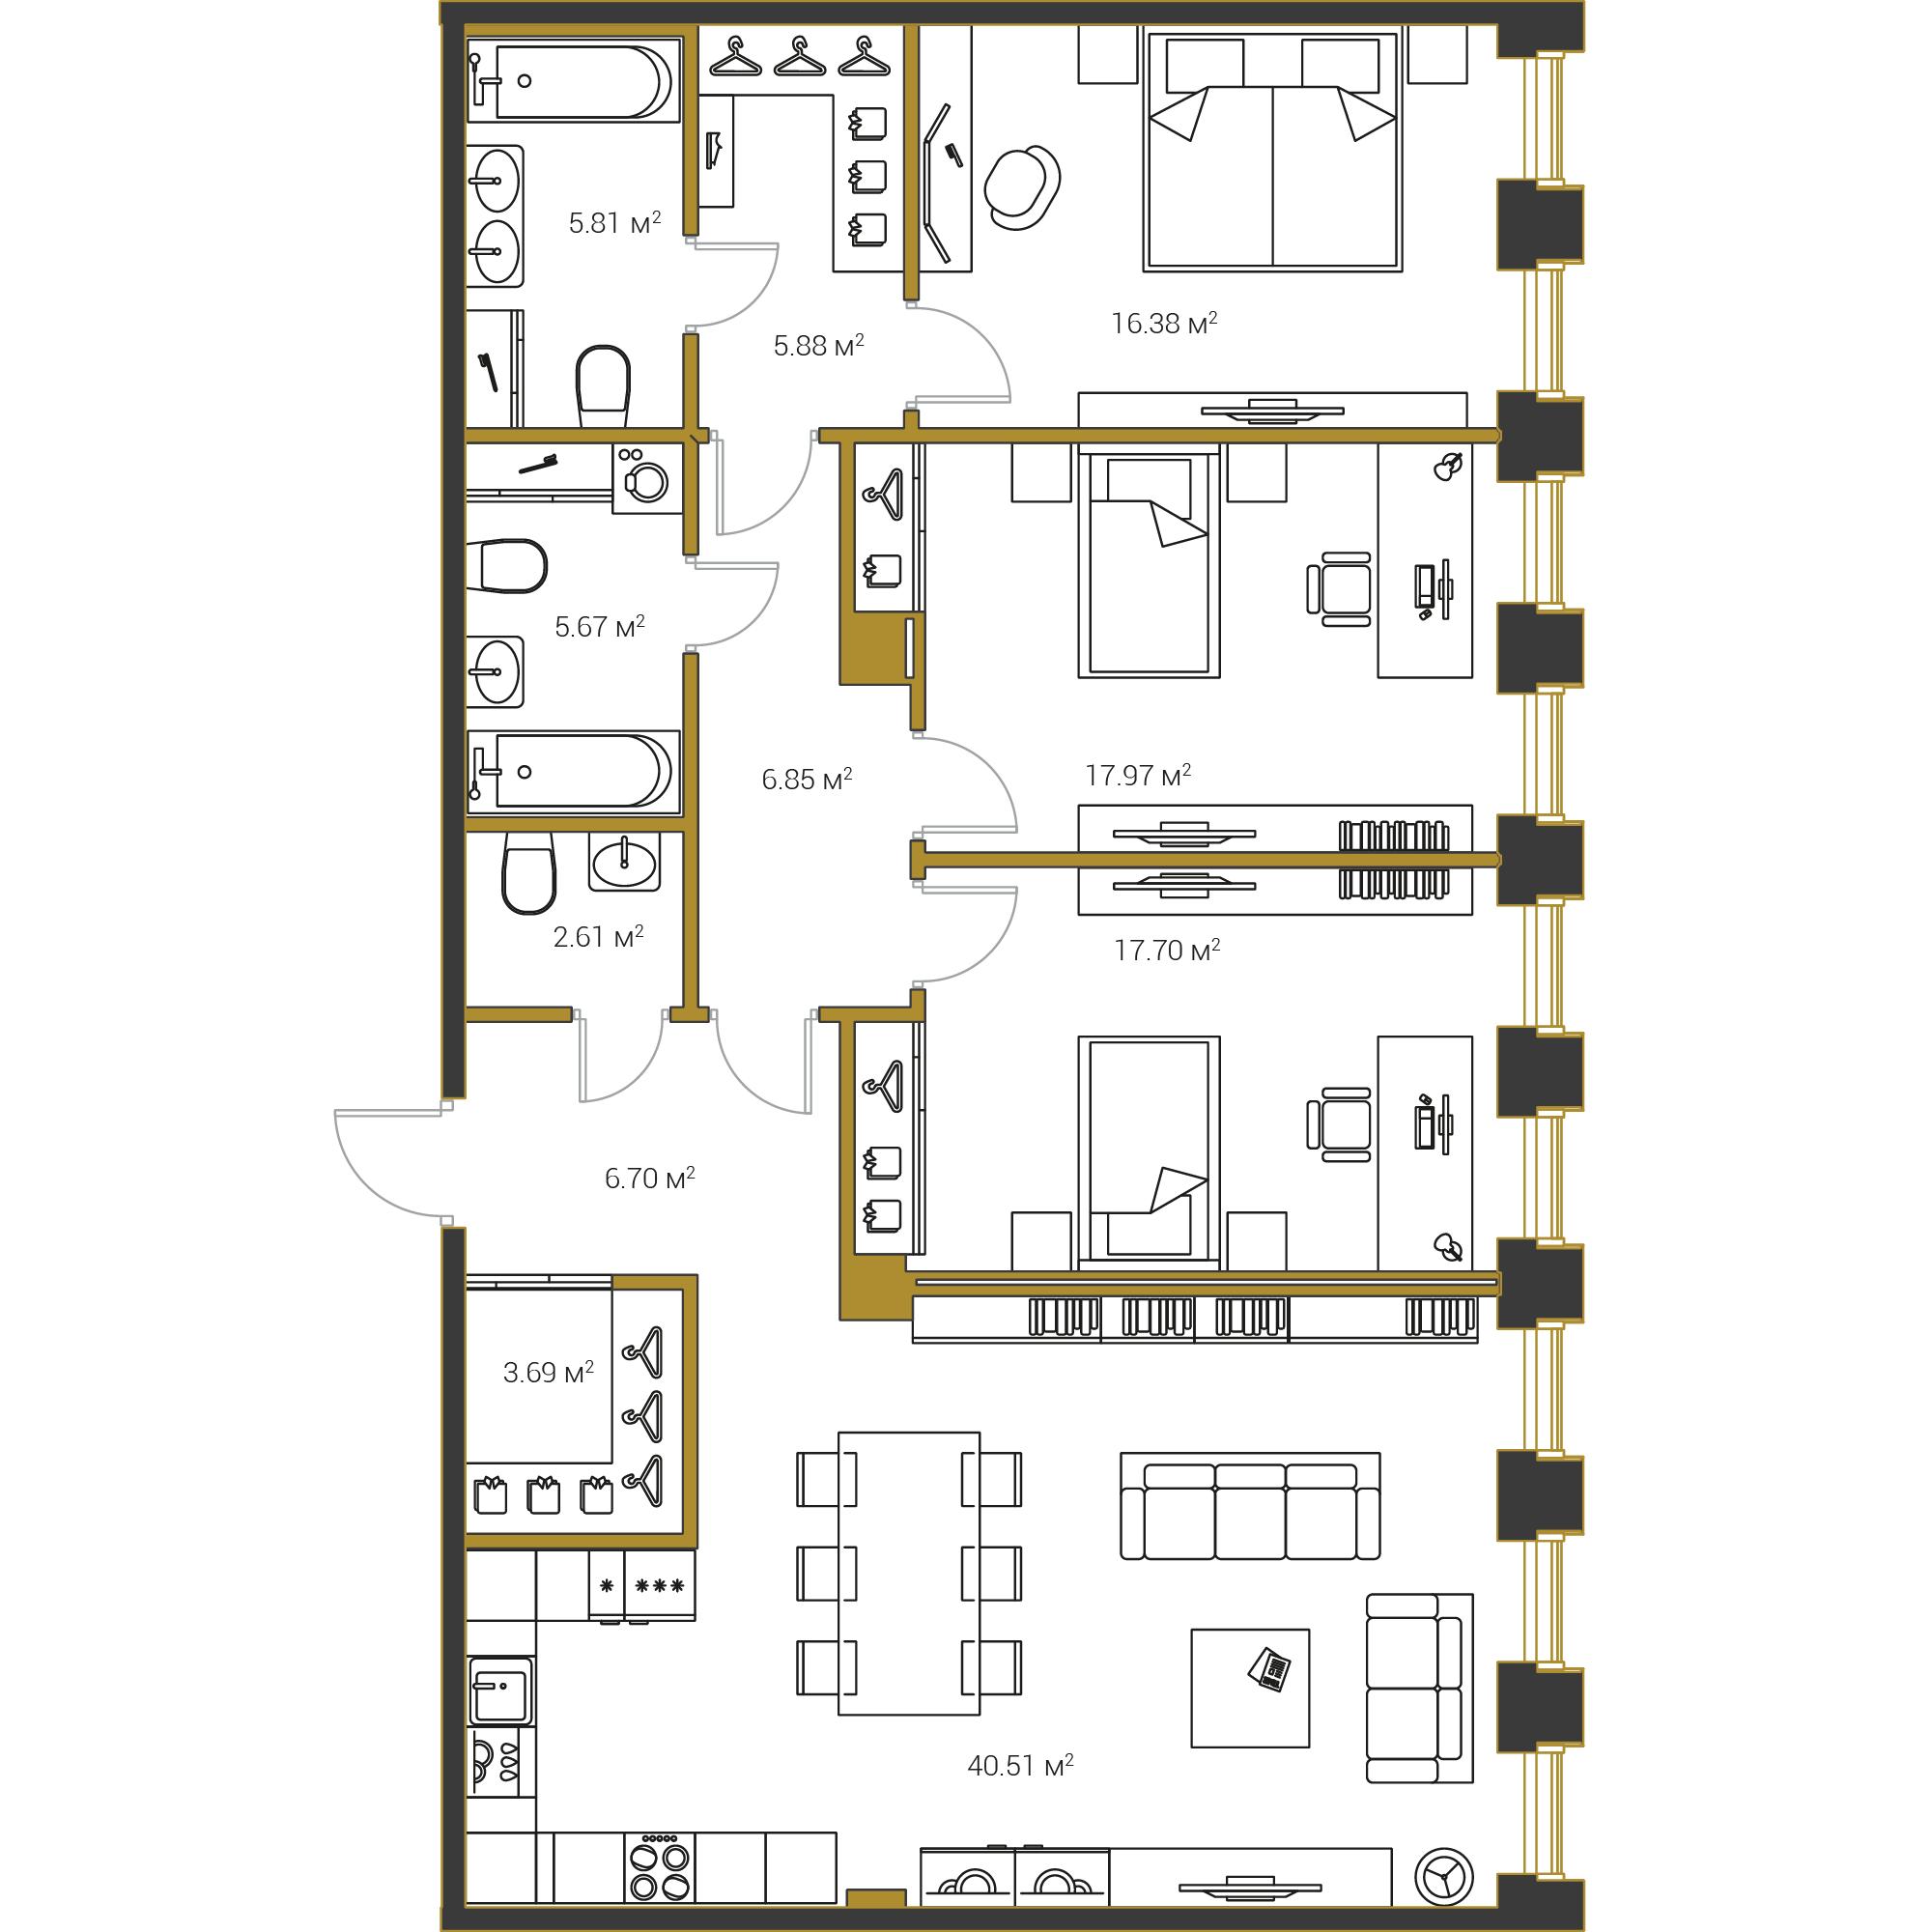 3-комнатная квартира №16 в: Институтский,16: 129.77 м²; этаж: 11 - купить в Санкт-Петербурге